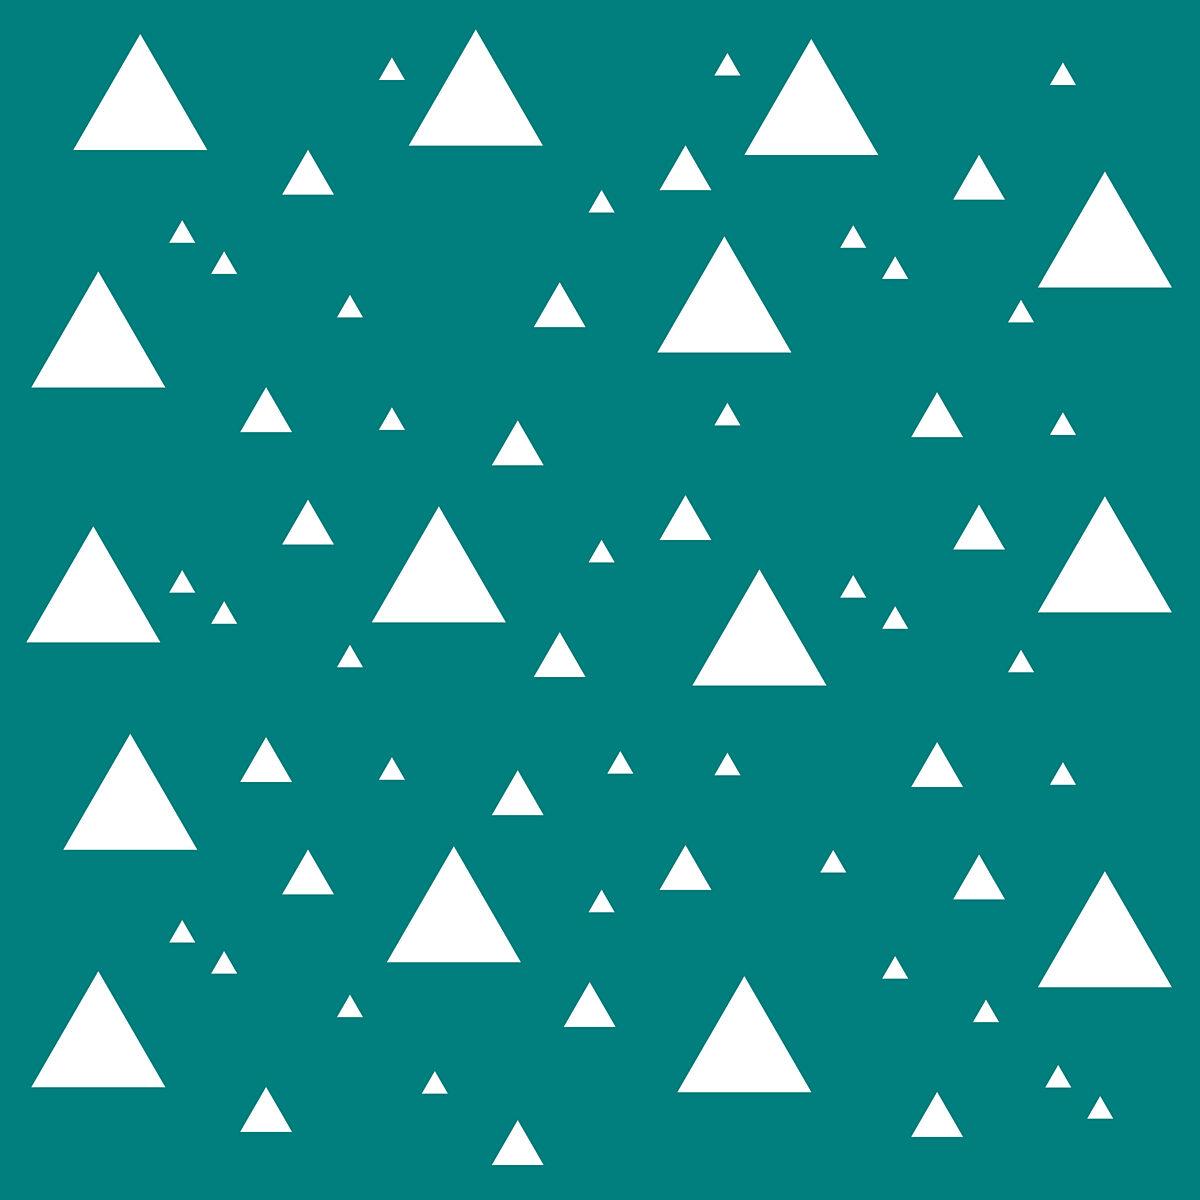 Sbabes pattern